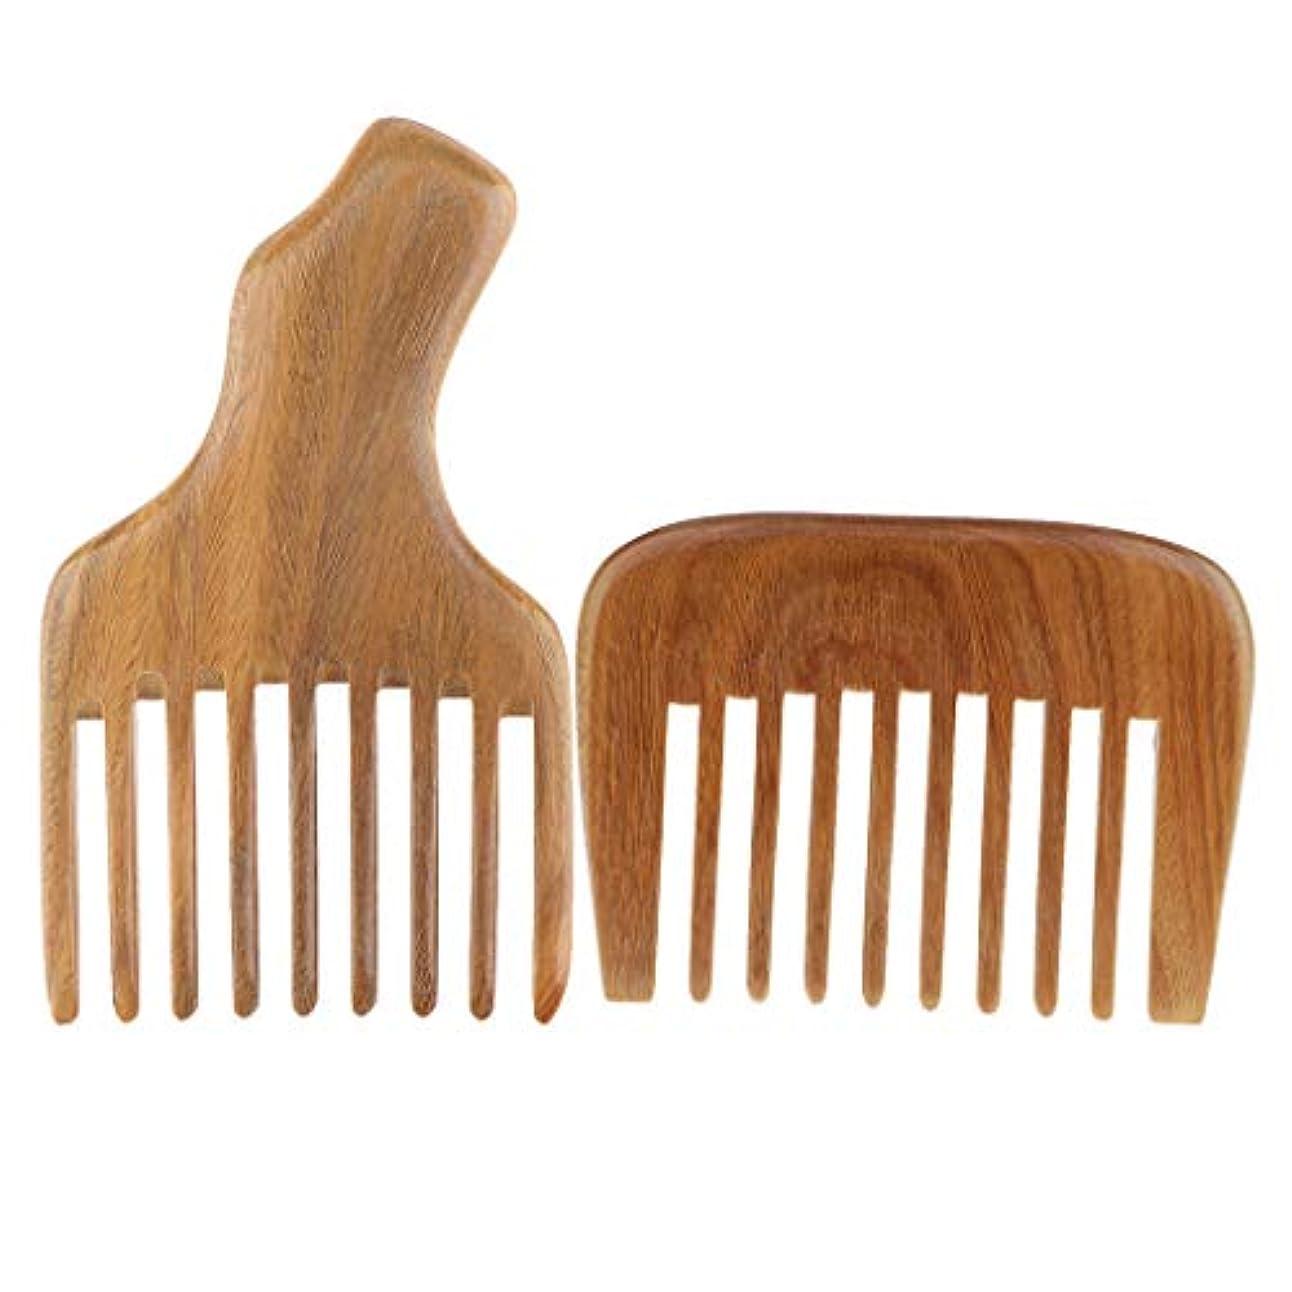 メドレーじゃない政令2個 木製櫛 ウッドコーム ワイド歯 ギフト 髪型 ひげ 口ひげ